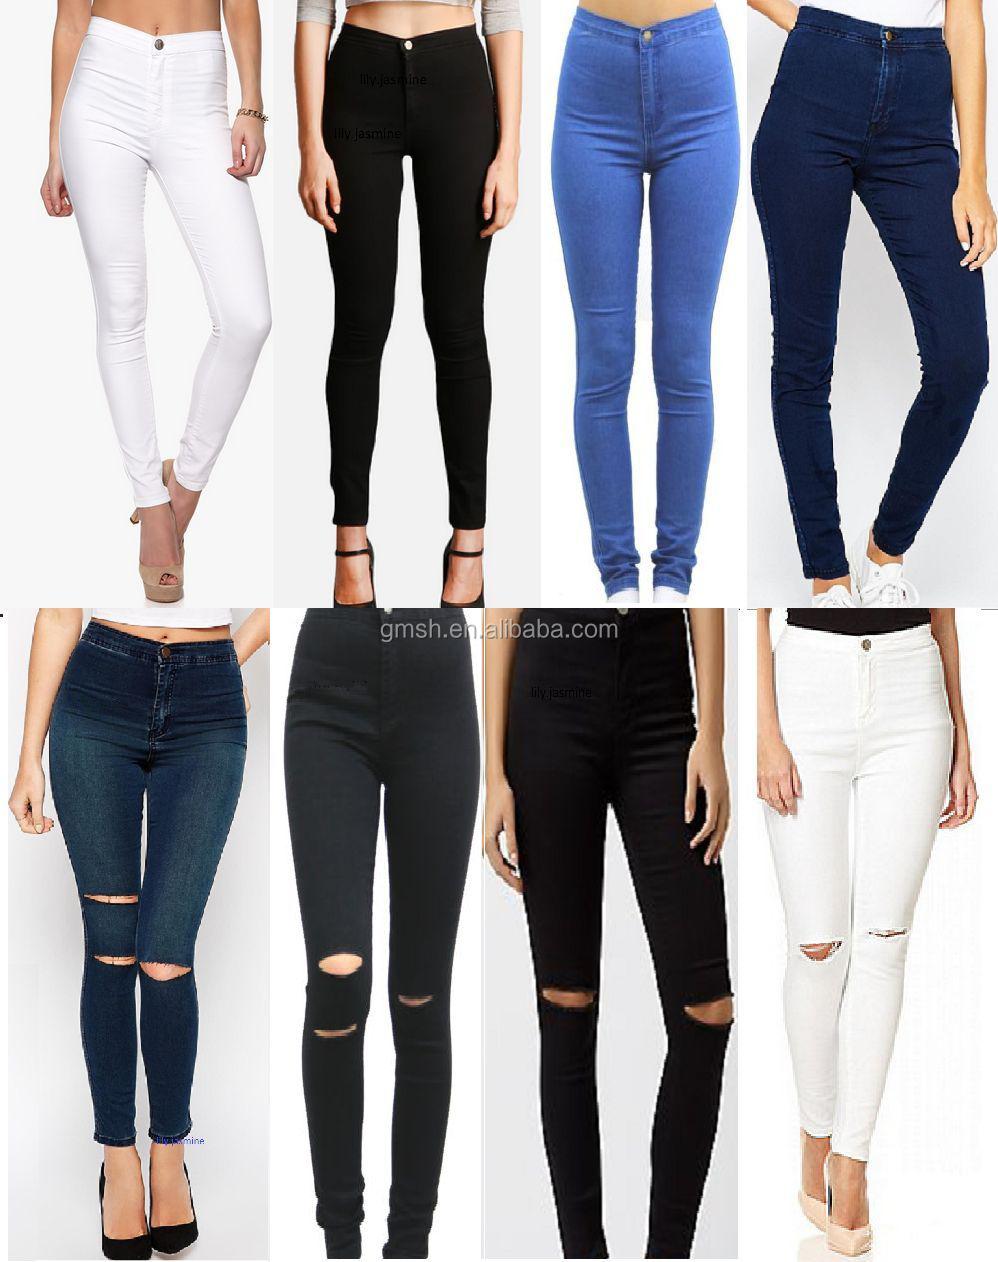 Mode Qualité Femmes Haute Dernière Jean Sexy 2017 Skinny Élégant Et 5n61AwyR